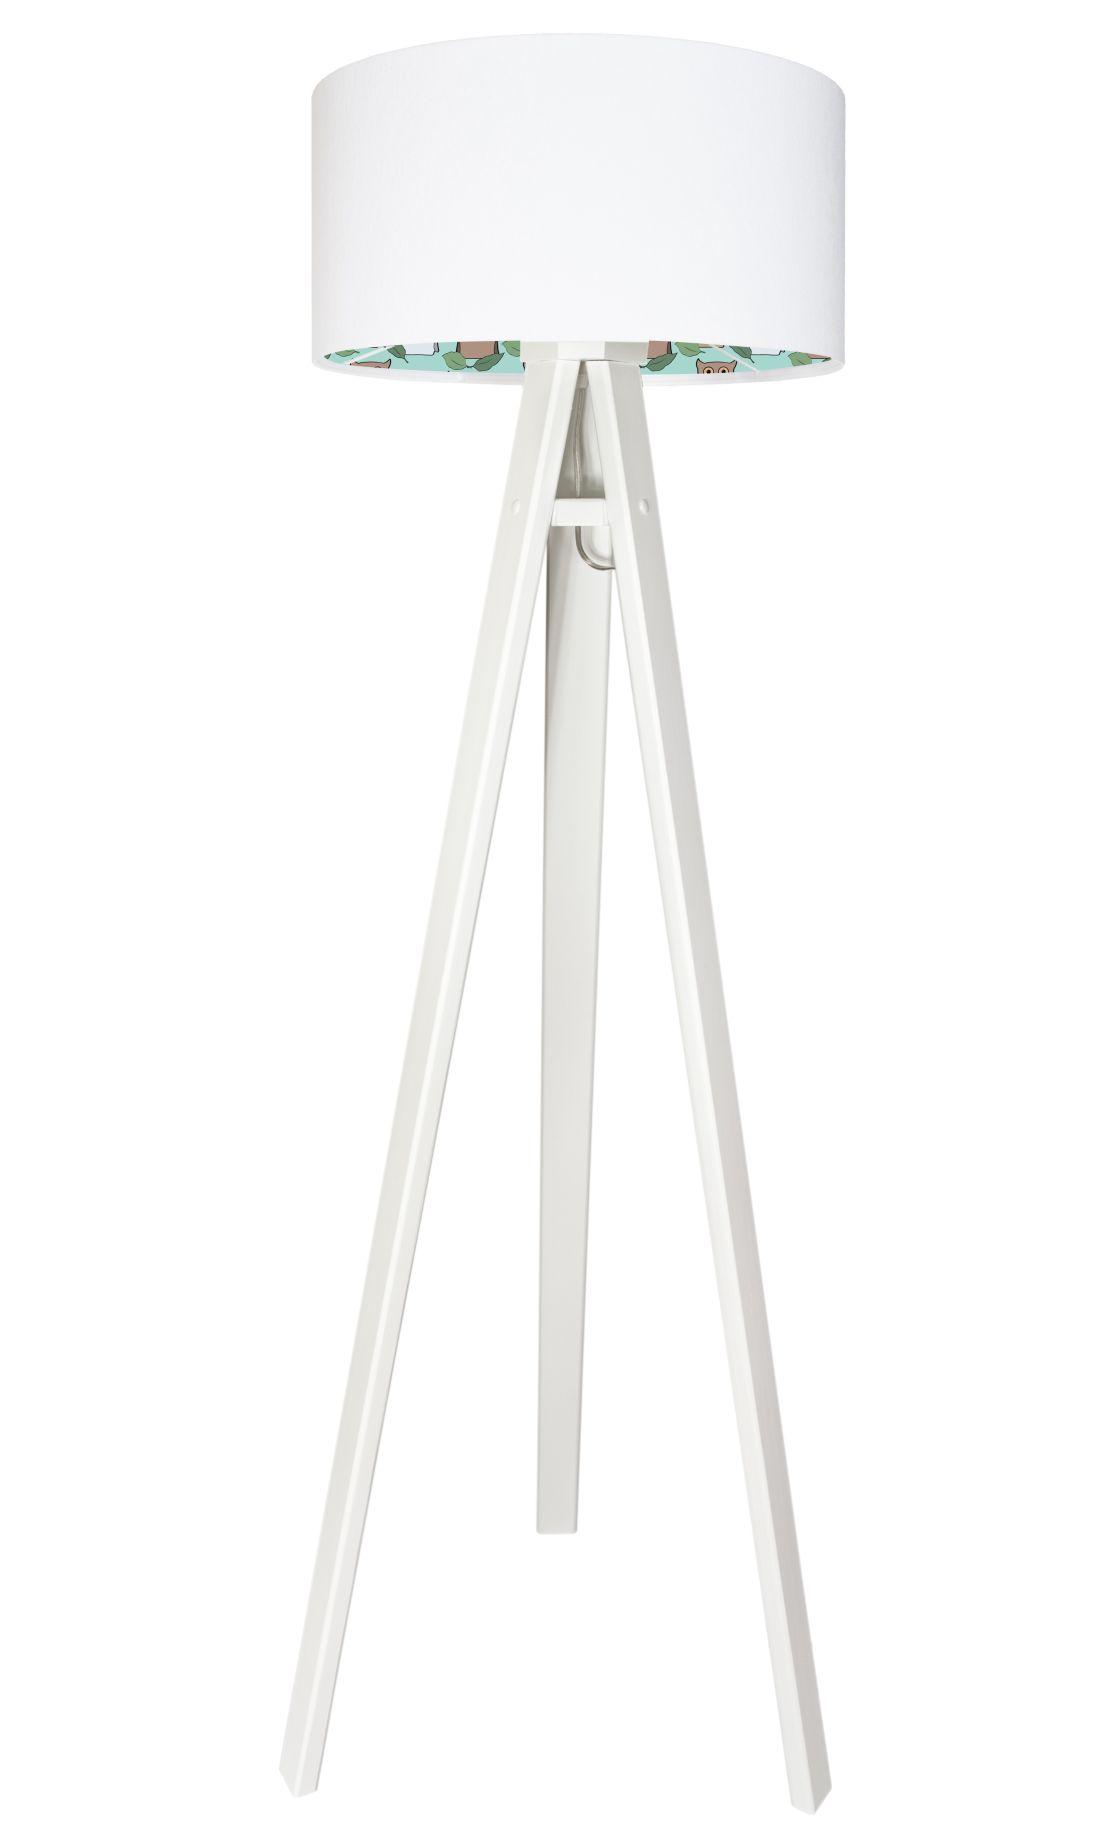 Dreifuß Stehlampe Holz Weiß gepunktet Kinder